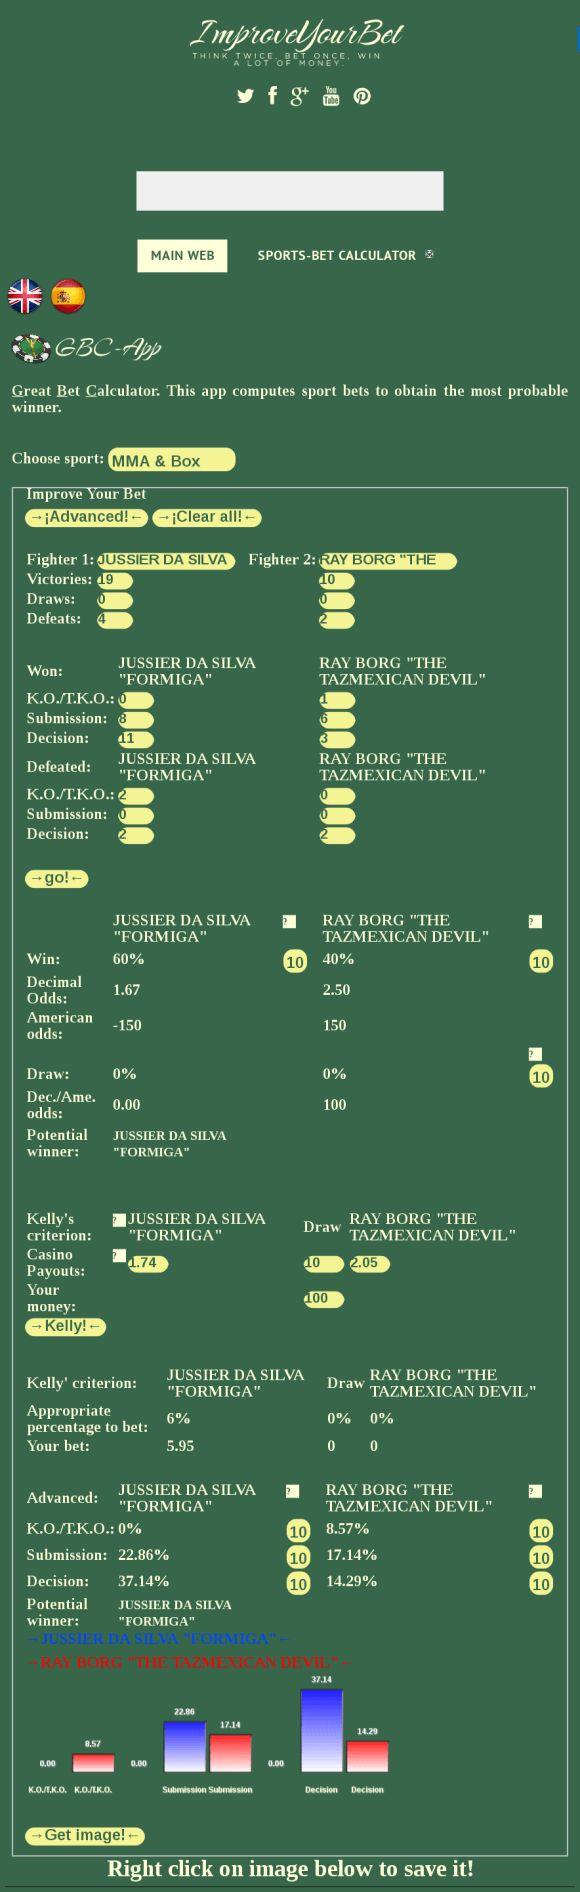 UFC fight night 106 forecast predictions and picks RAY BORG THE TAZMEXICAN DEVIL Vs JUSSIER DA SILVA FORMIGA